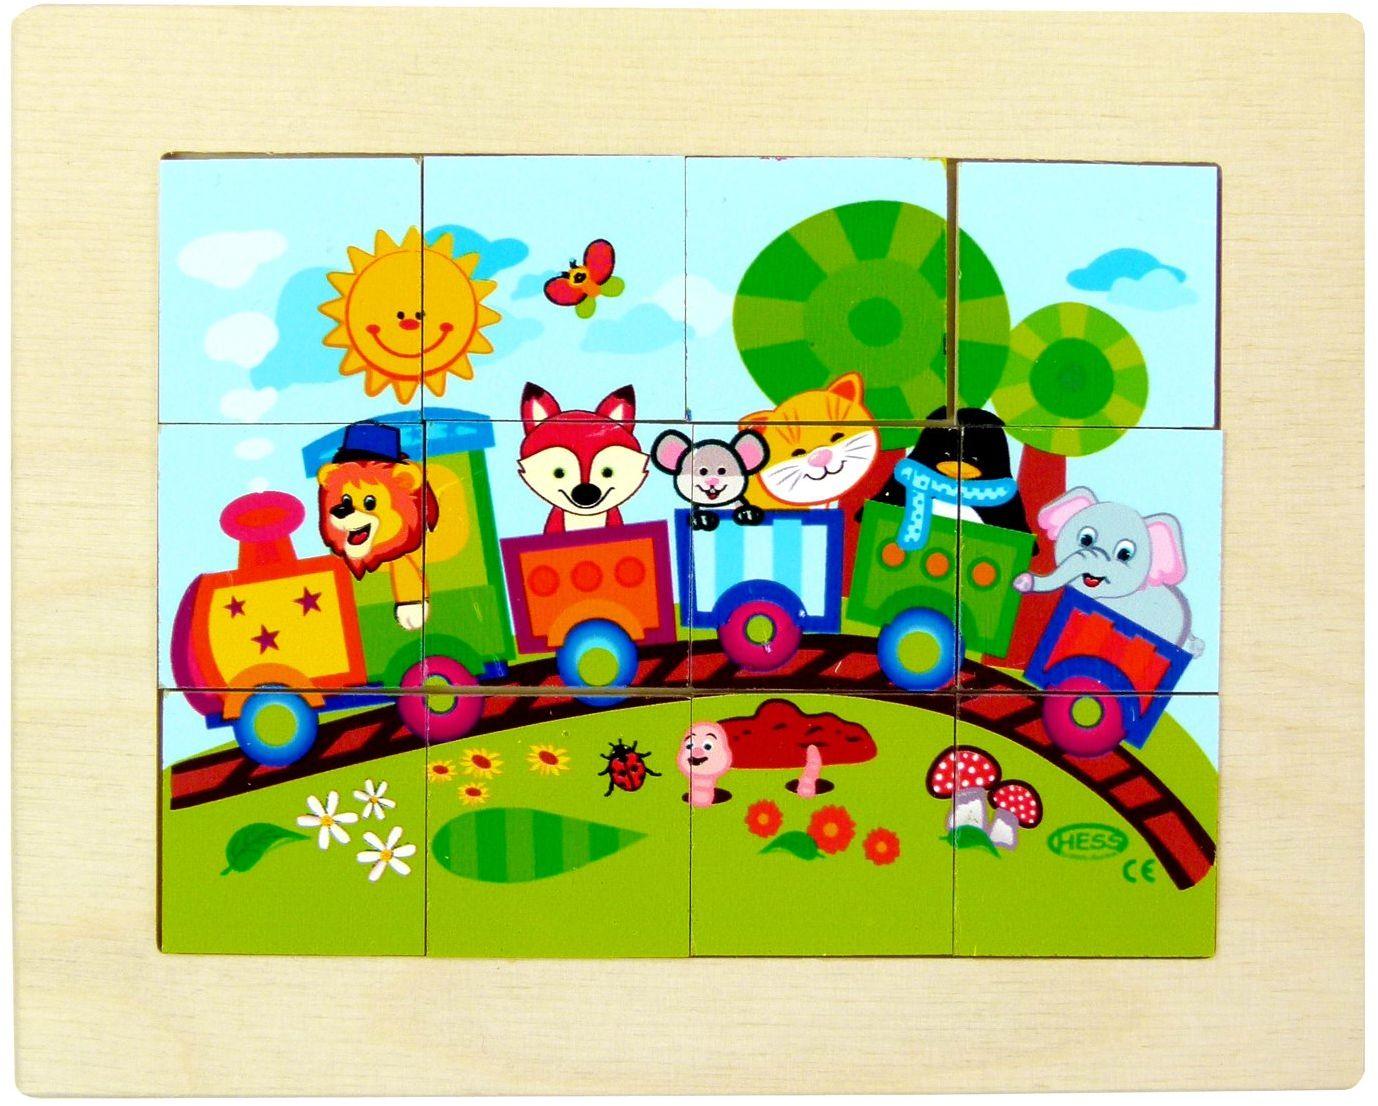 Hess drewniana zabawka 14945 - mini puzzle z drewna kolejka, 12 części, ok. 12 cm